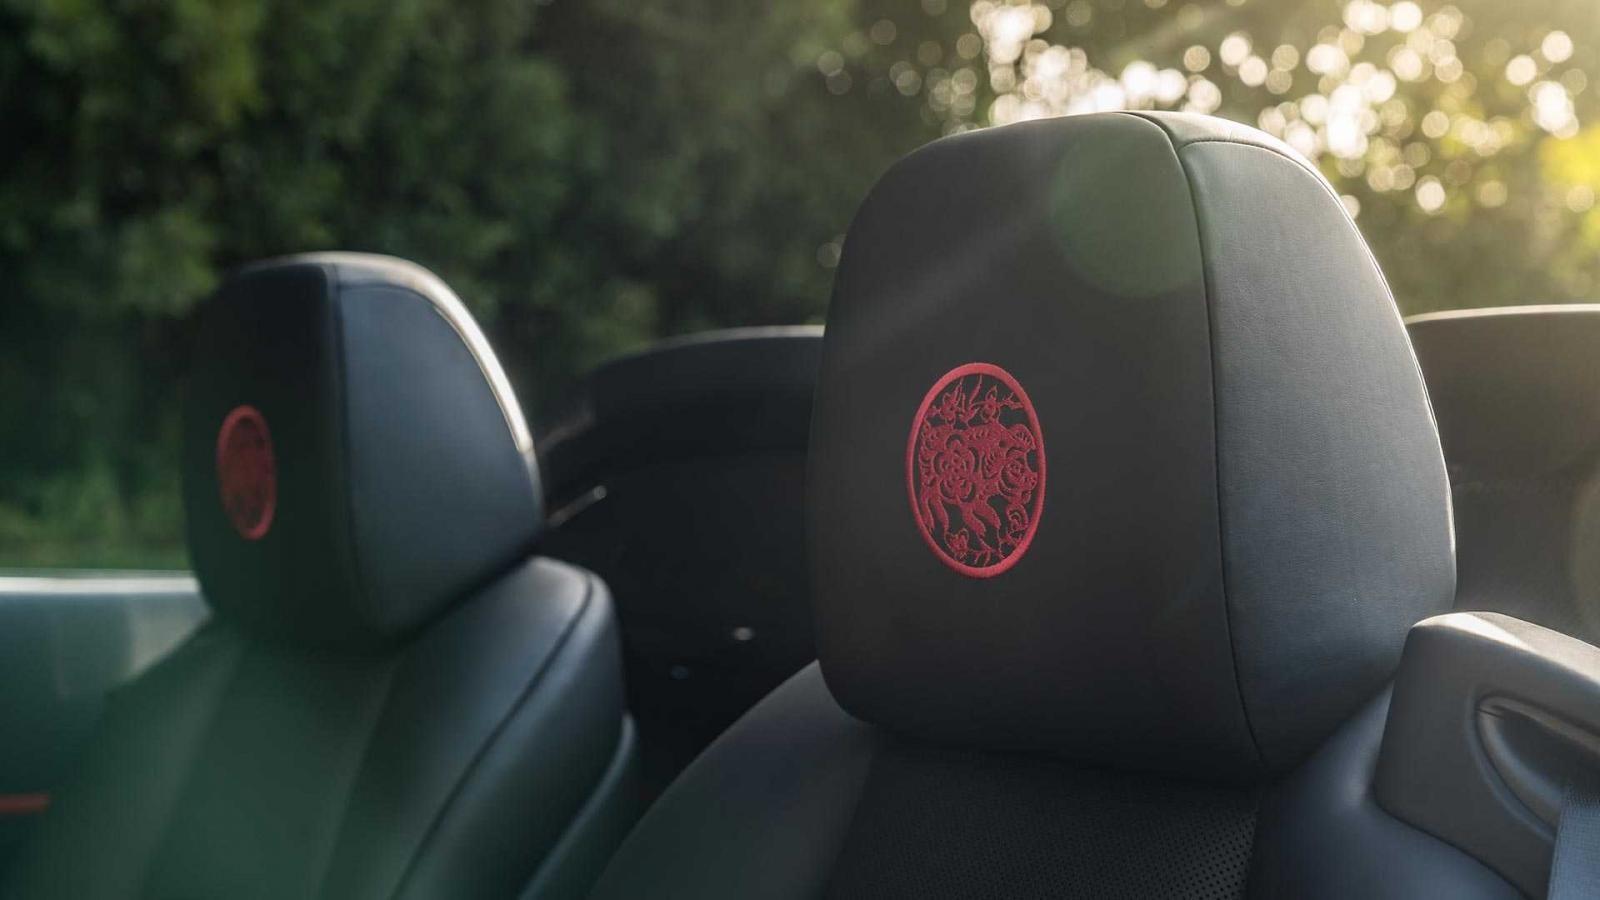 Họa tiết này còn được thêu trên tựa đầu ghế trong xe